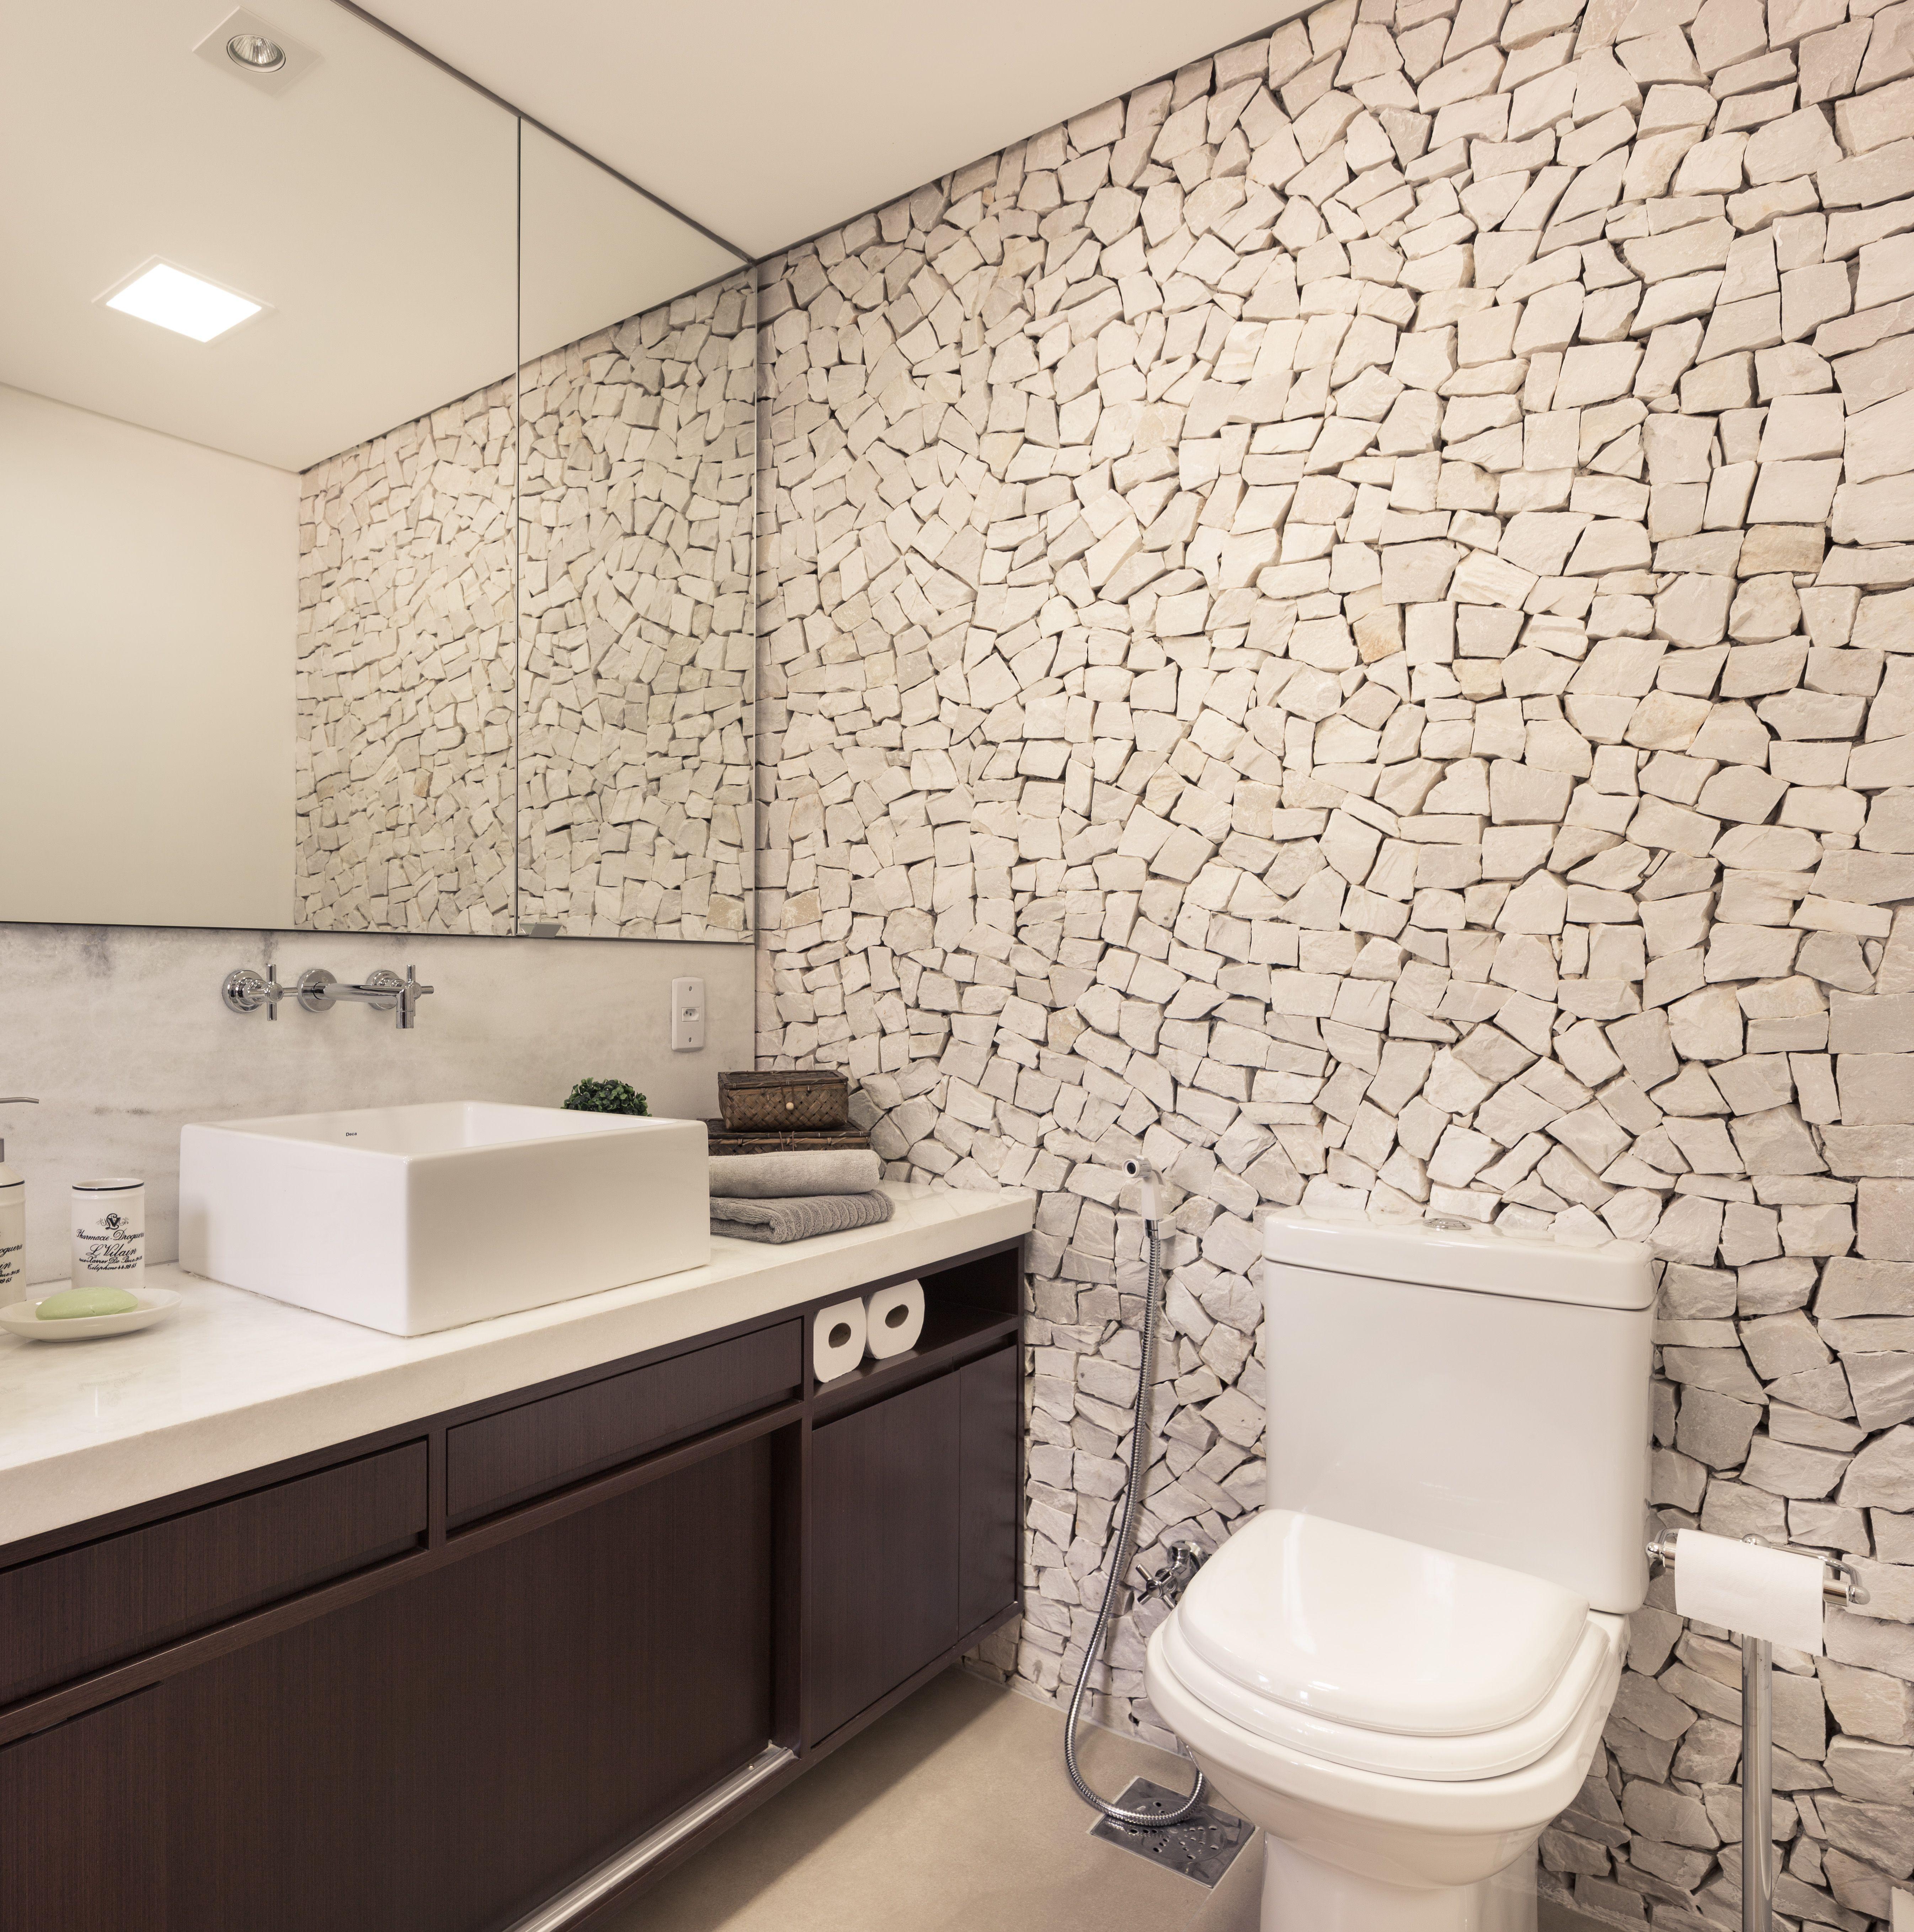 Suficiente Banheiro moderno com revestimento em pedra natural e concreto  IA57